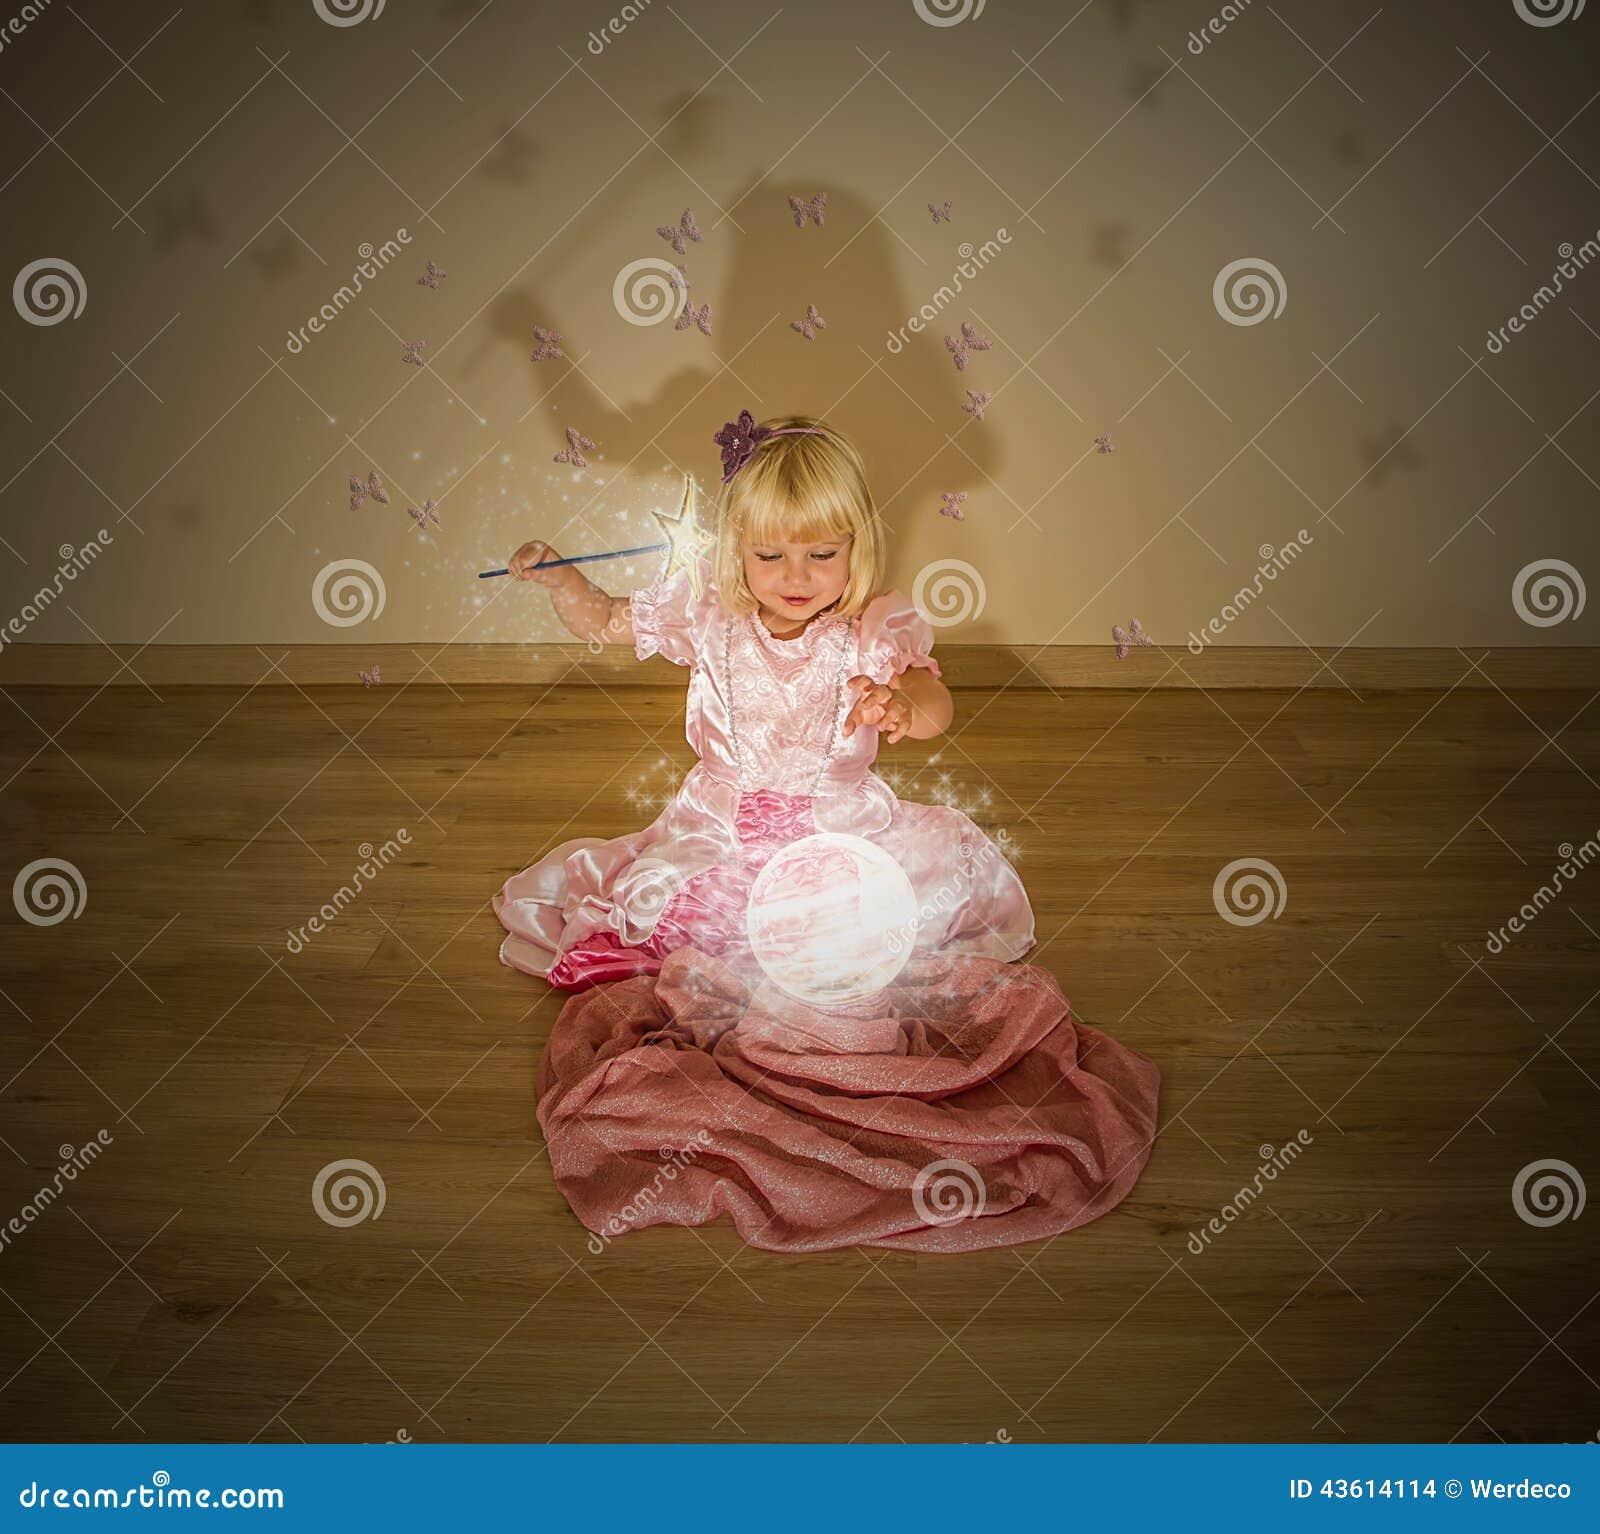 little-blonde-girl-magic-spell-casting-c